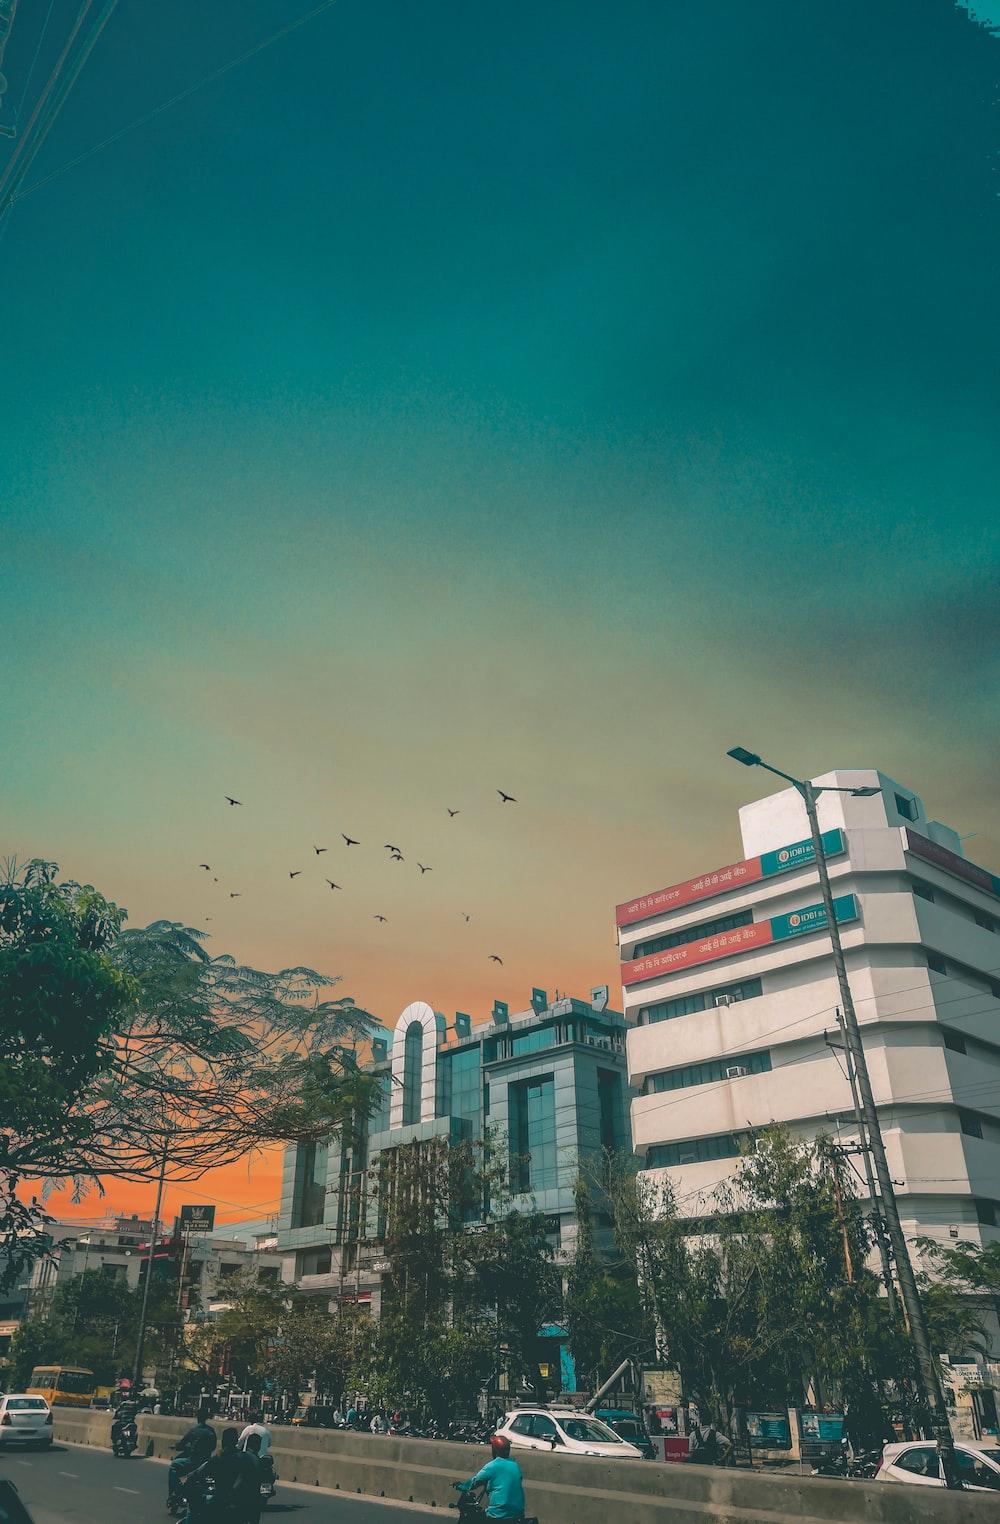 people on road under blue skies